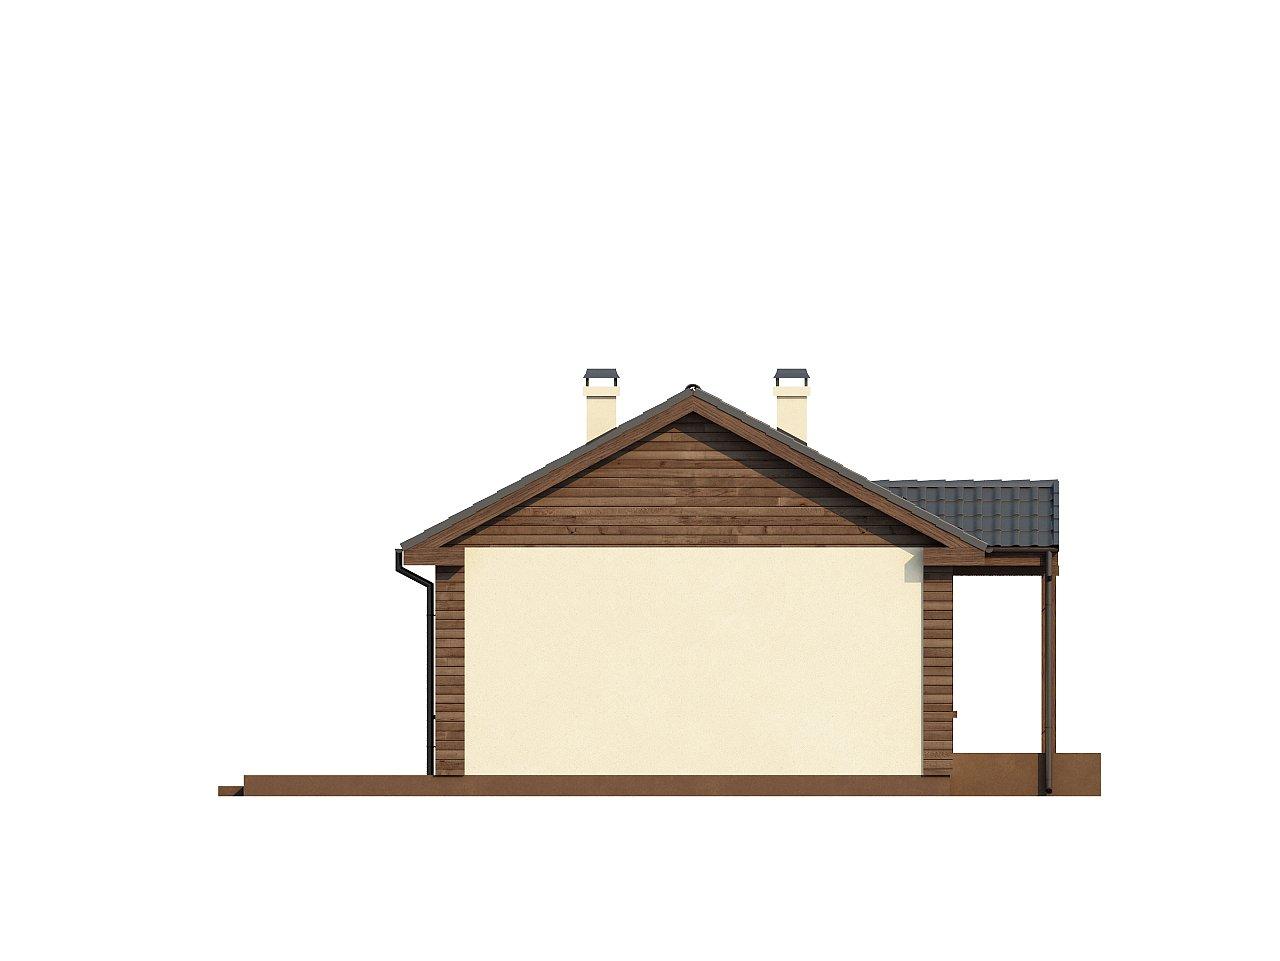 Маленький одноэтажный дом с двускатной кровлей, недорогой в строительстве и эксплуатации. - фото 17